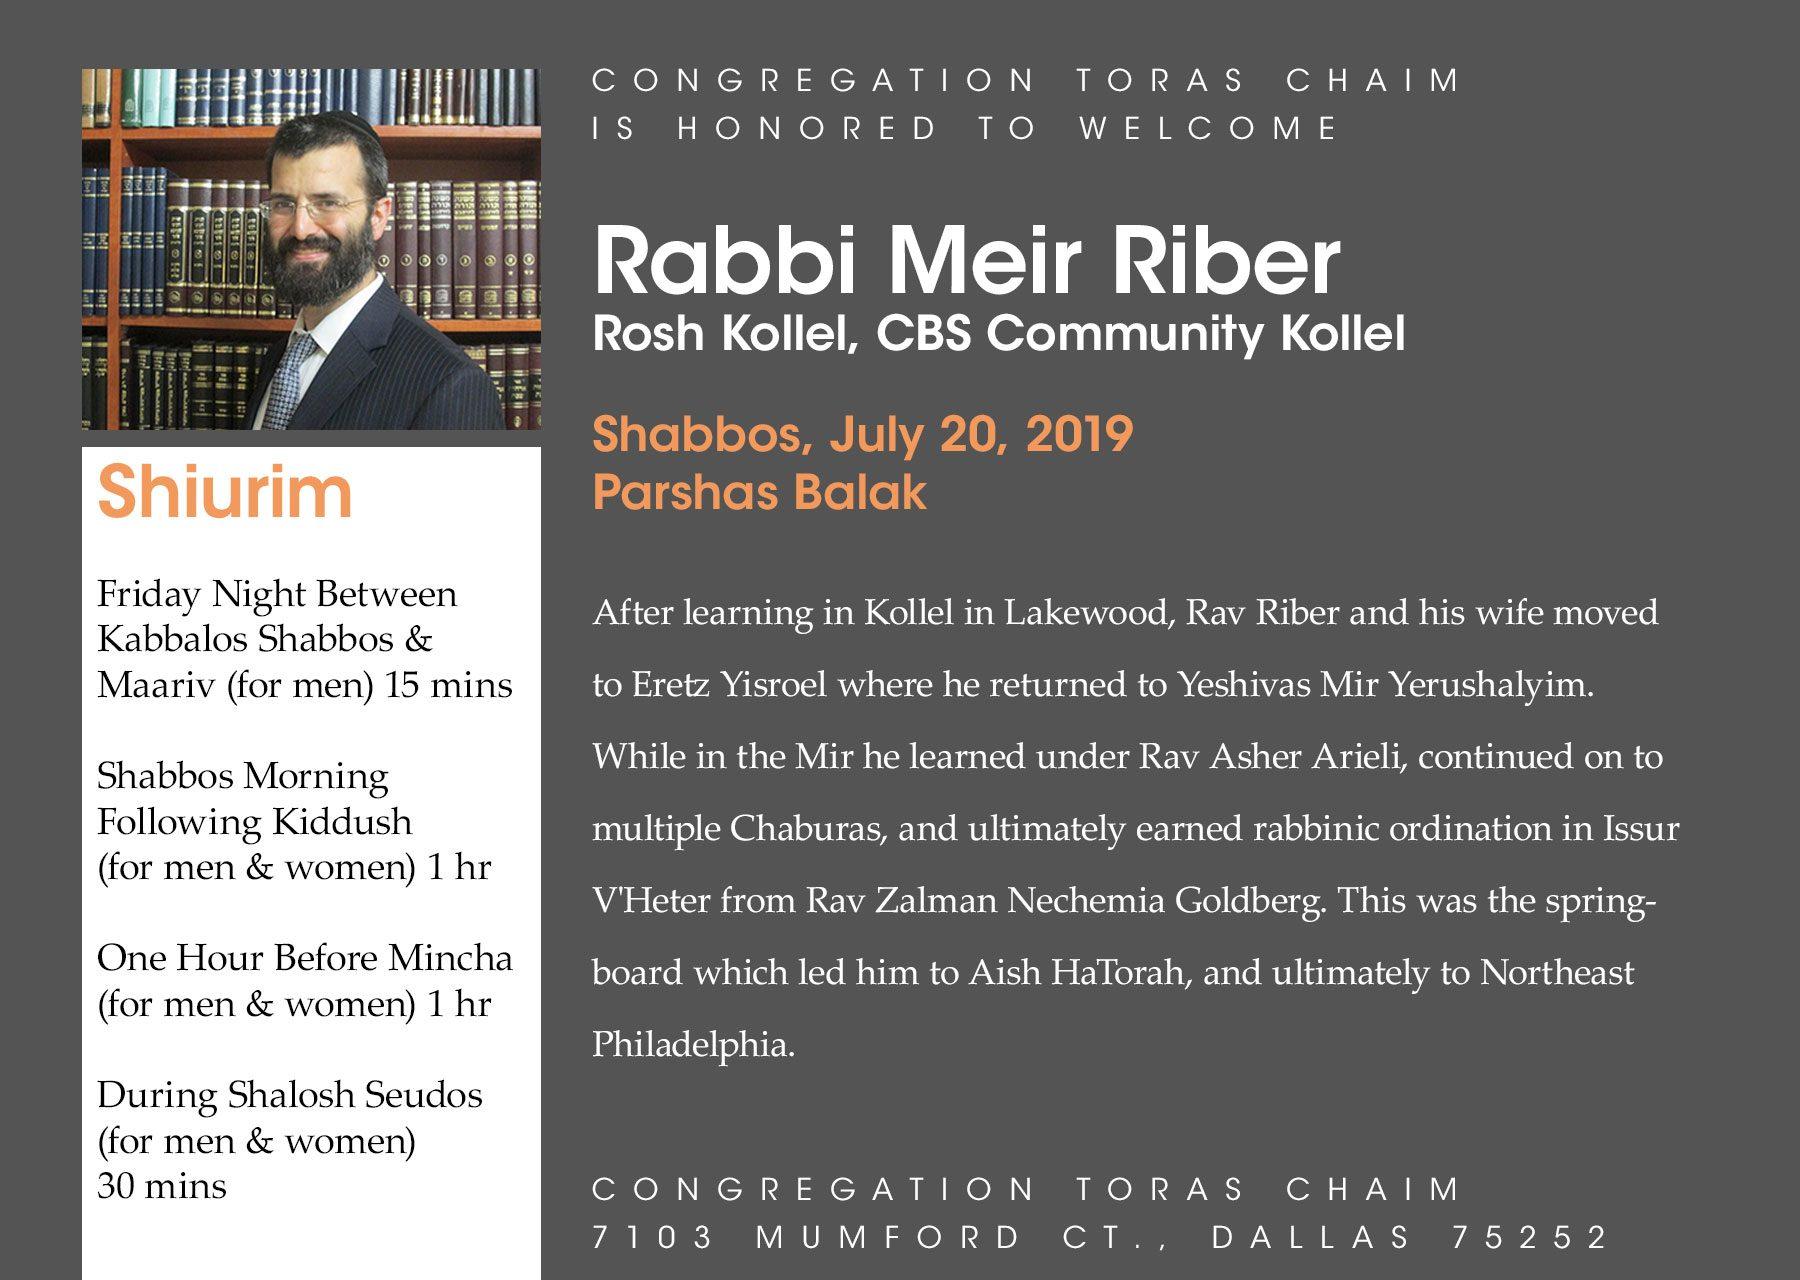 Shabbaton with Rav Meir Riber